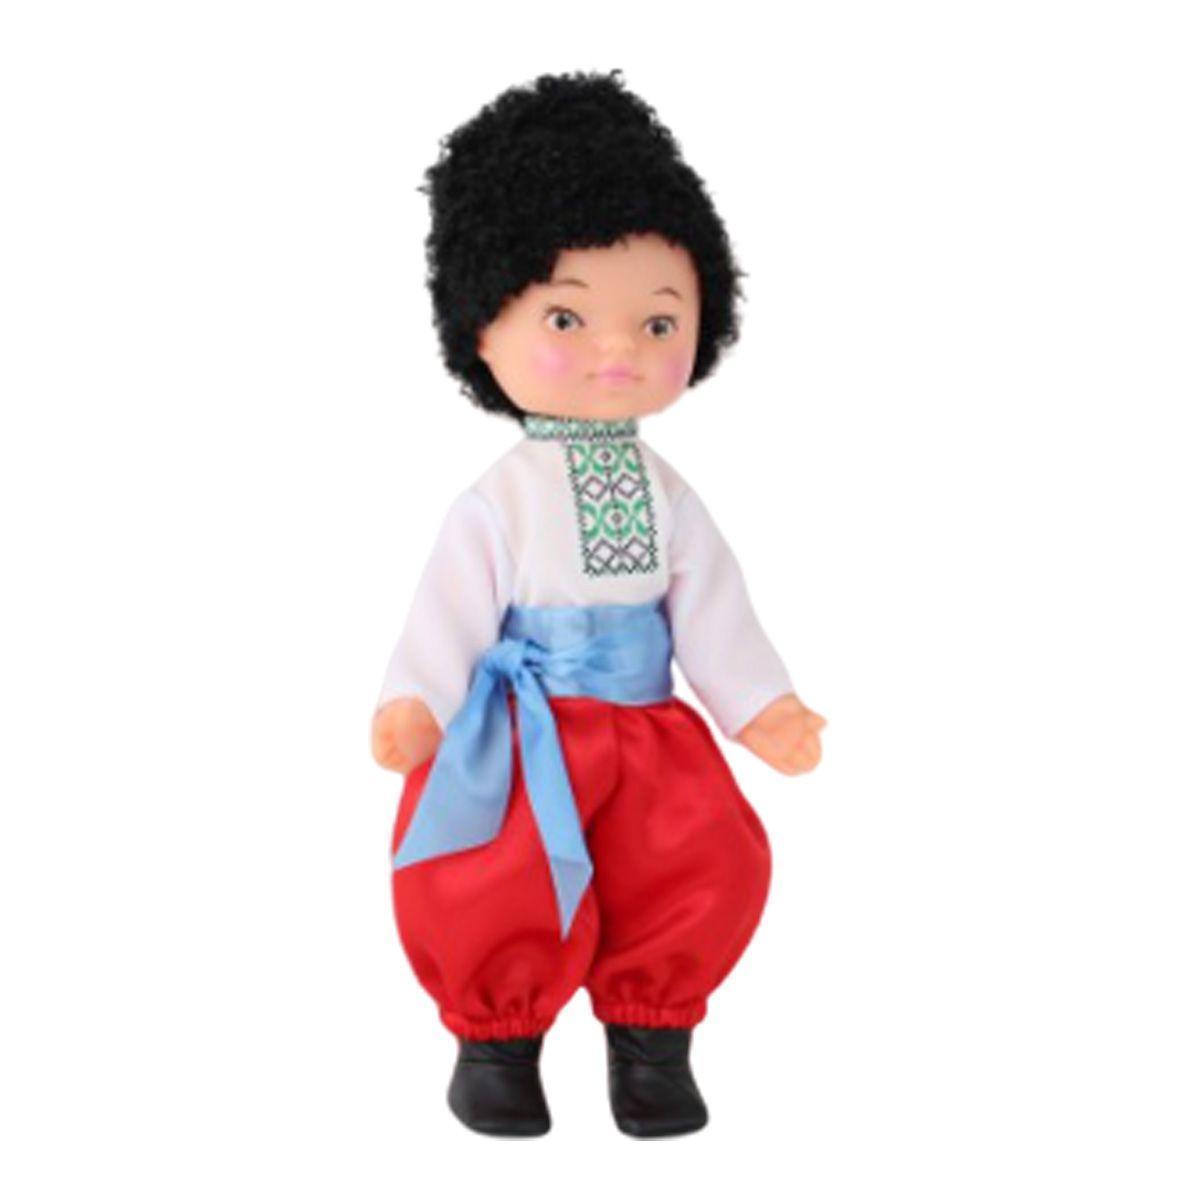 Кукла Мальчик в вышиванке  ЧудиСам